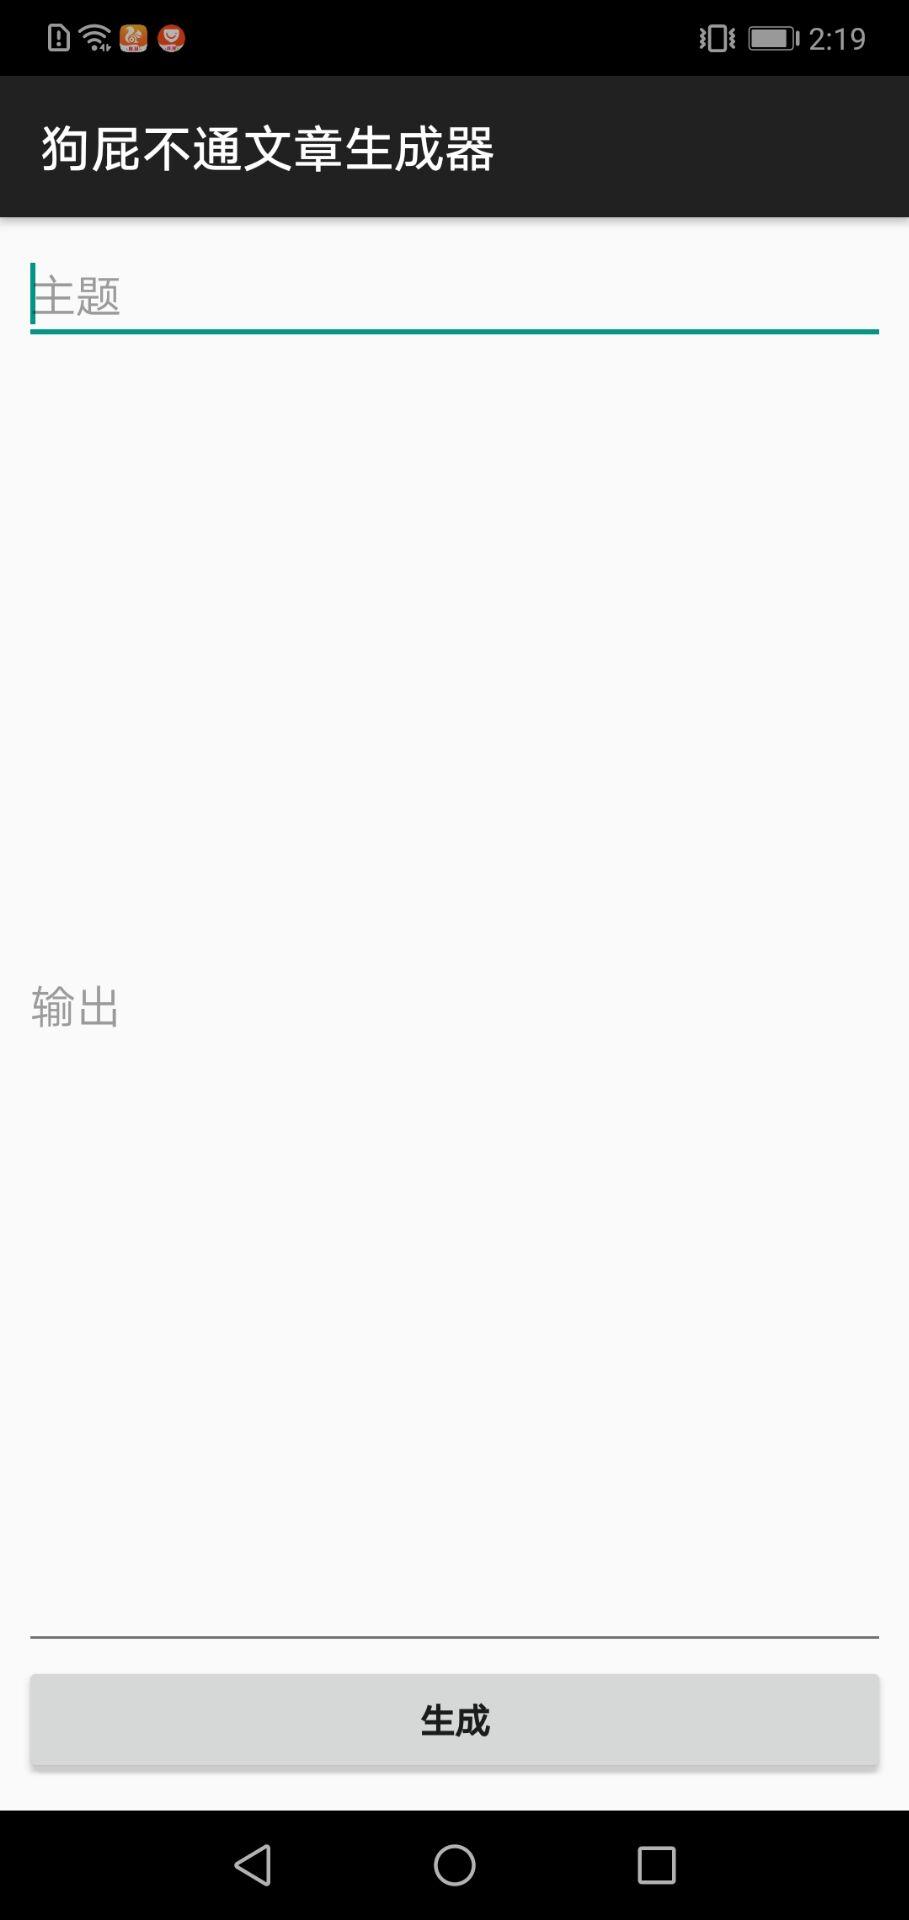 【实用软件】狗屁不通文章生成器(狗屁不通?)-爱小助